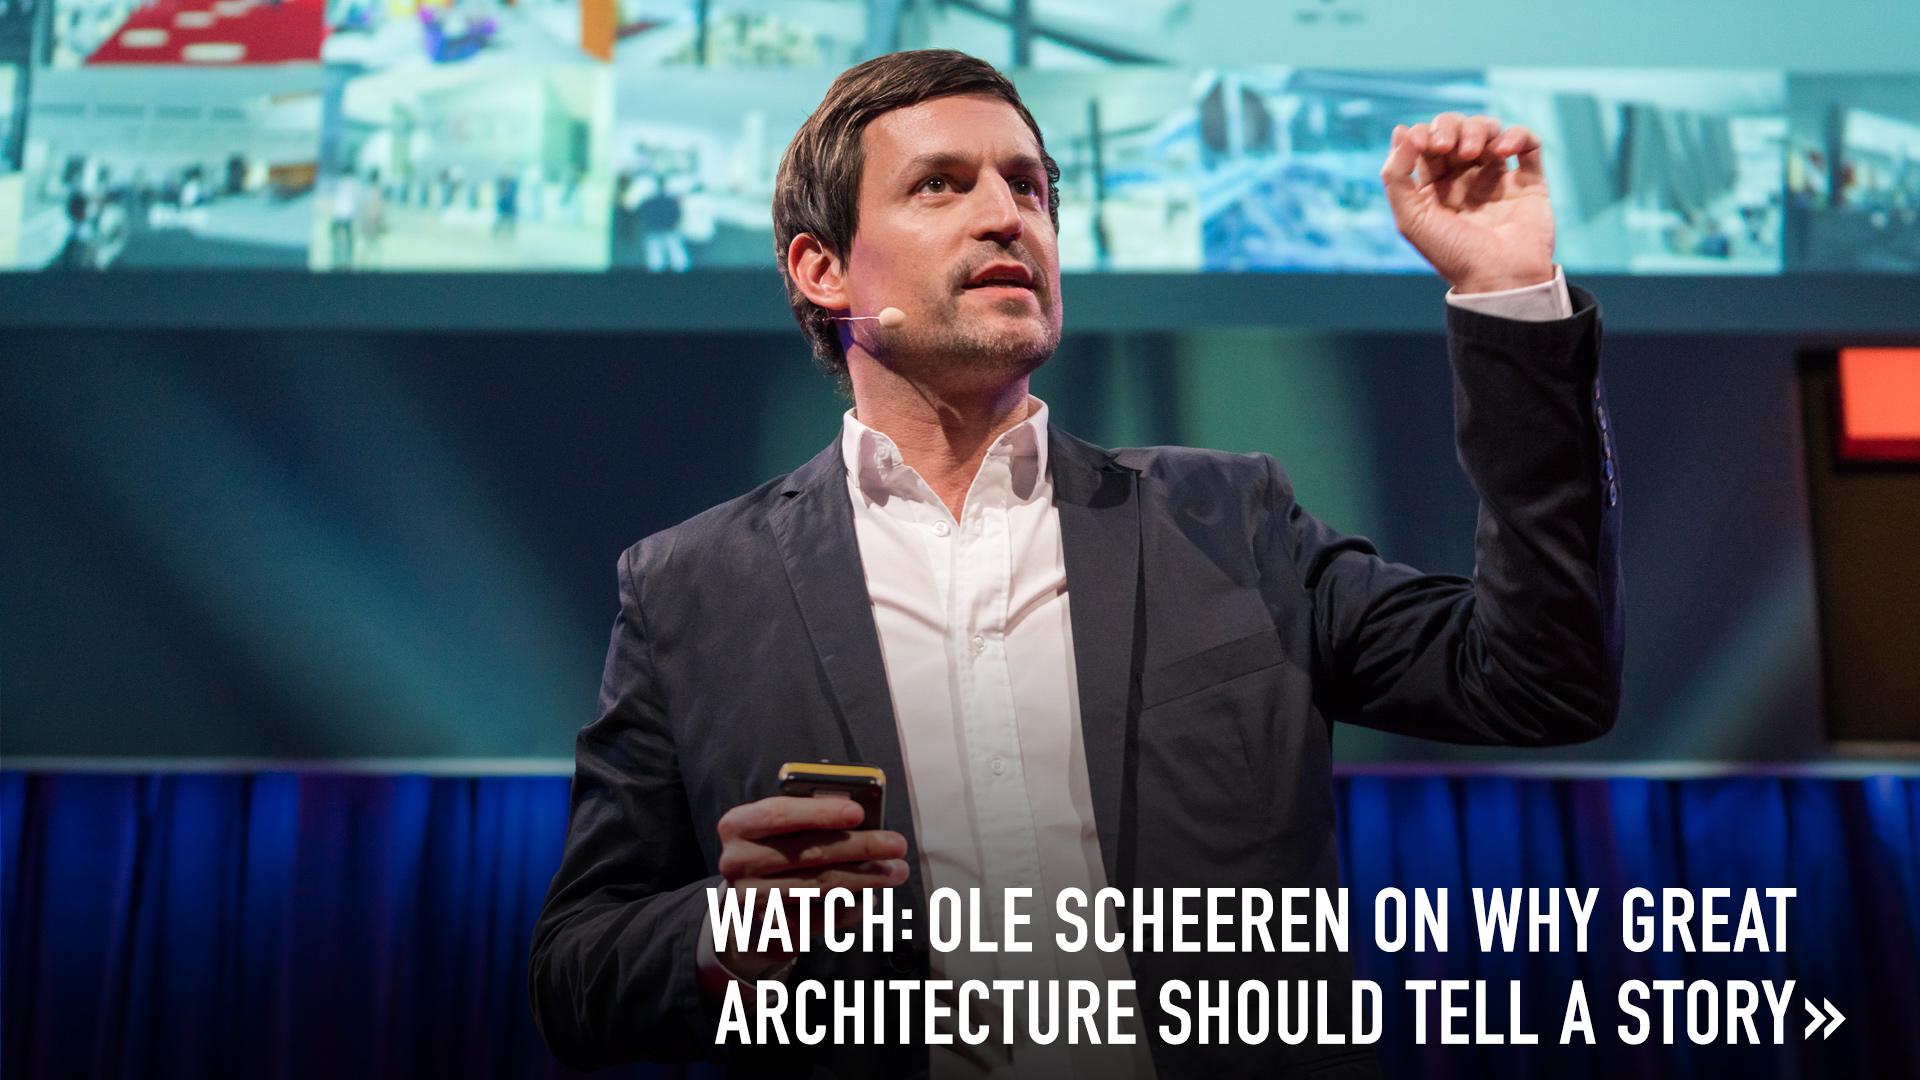 Ole_Scheeren_clikcable_skyscrapers